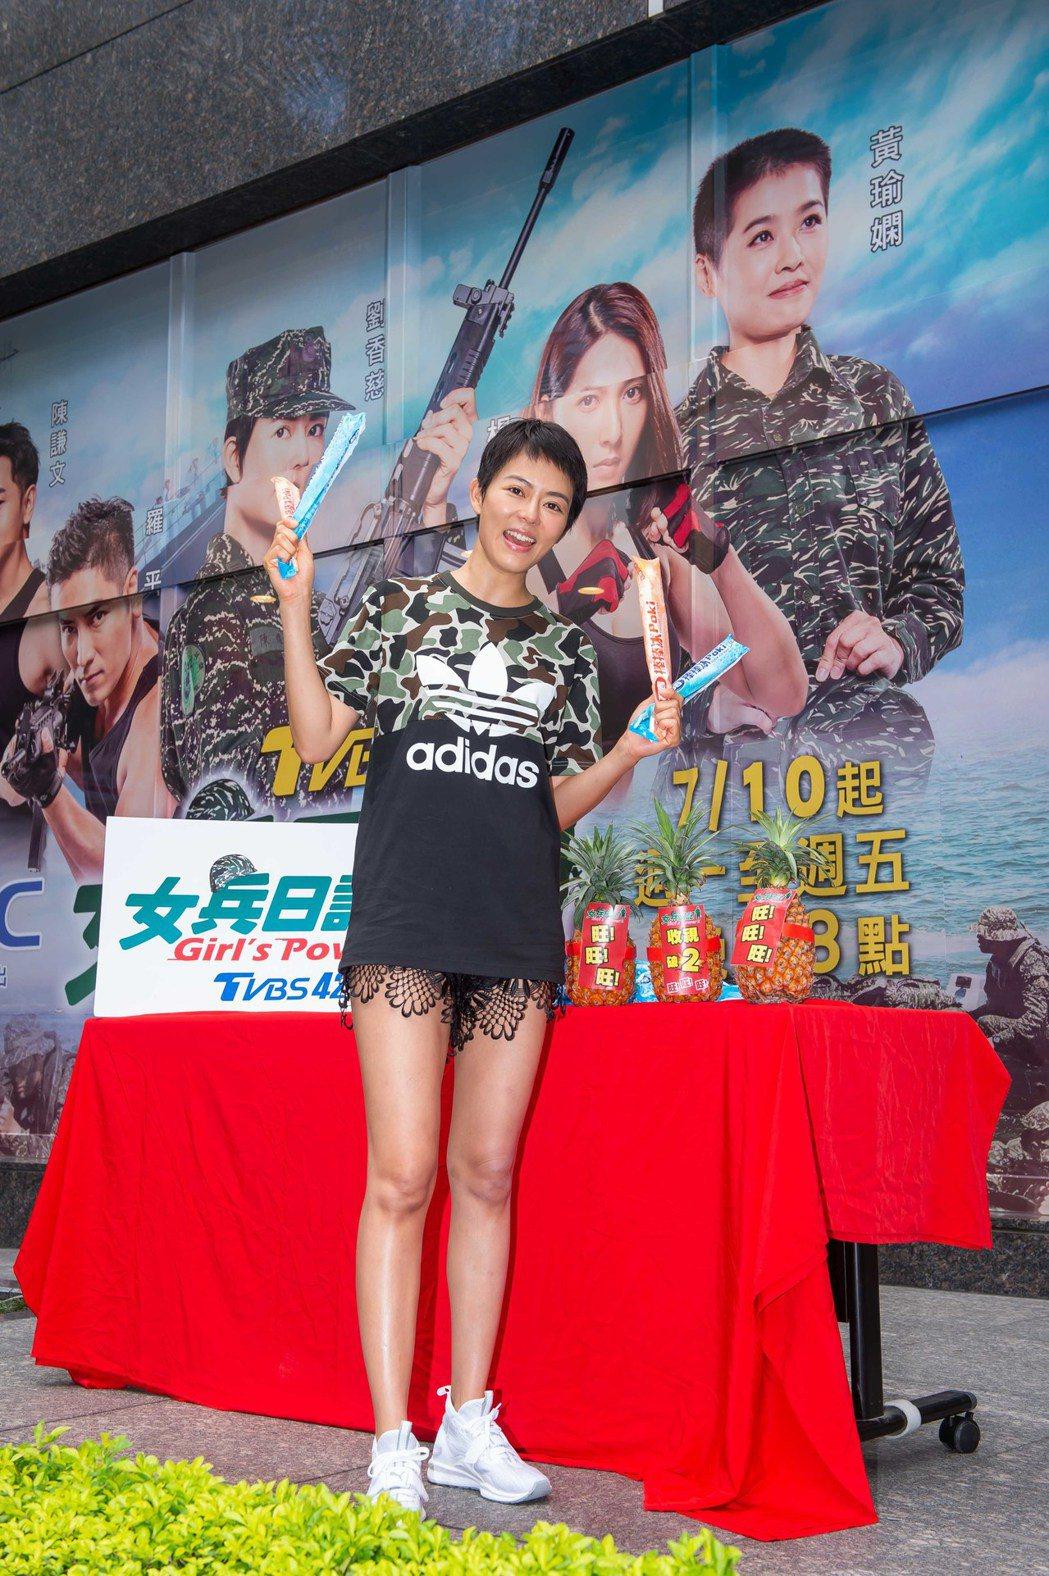 劉香慈發棒棒冰大秀美腿。圖/TVBS提供